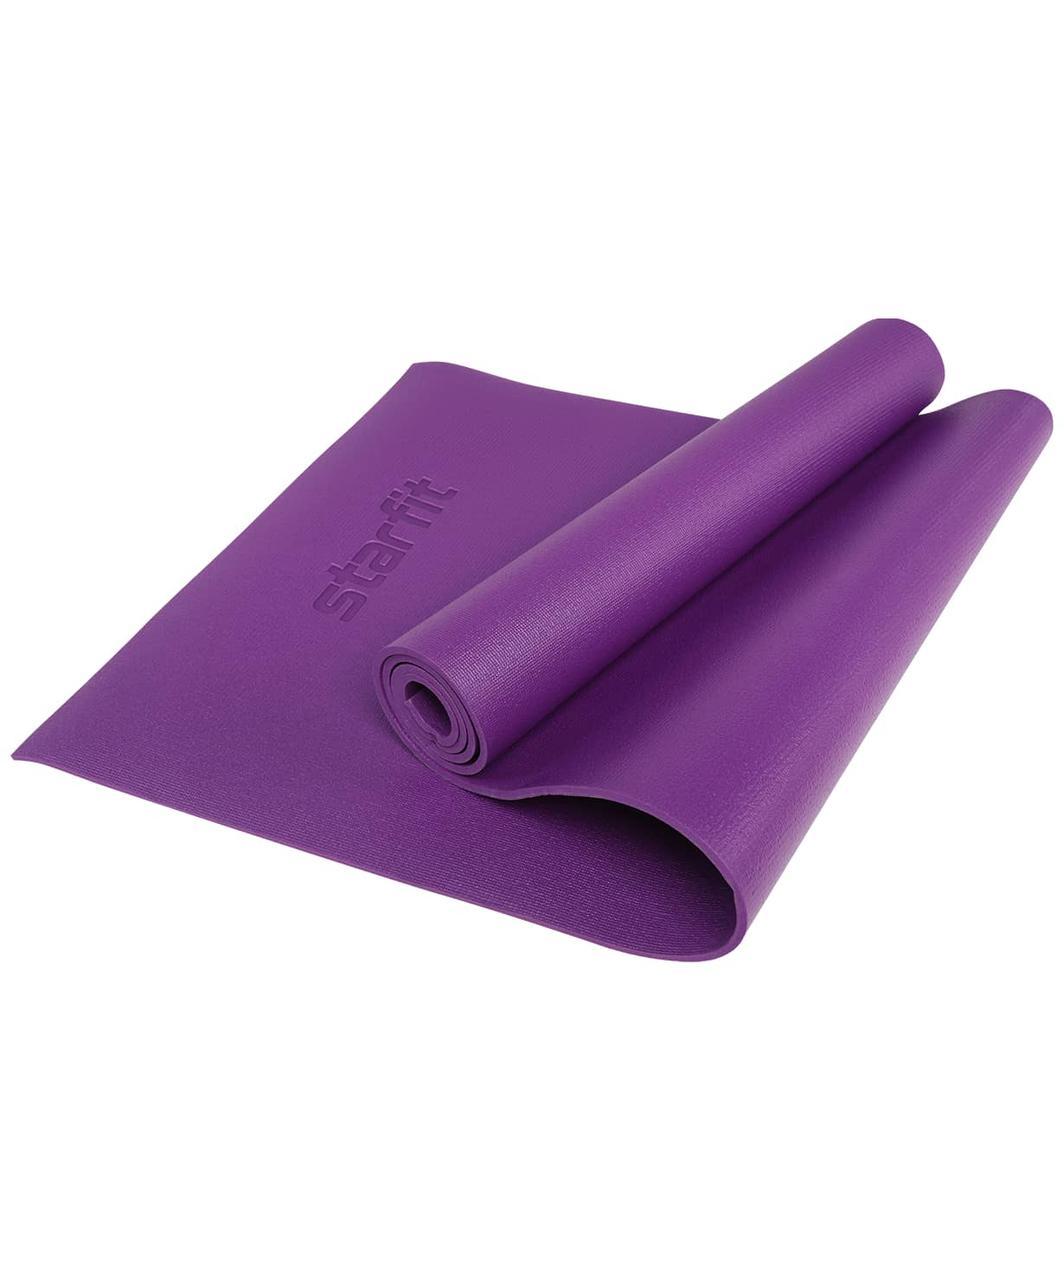 Коврик для йоги FM-103, PVC HD, 173 x 61 x 0,6 см, фиолетовый Starfit